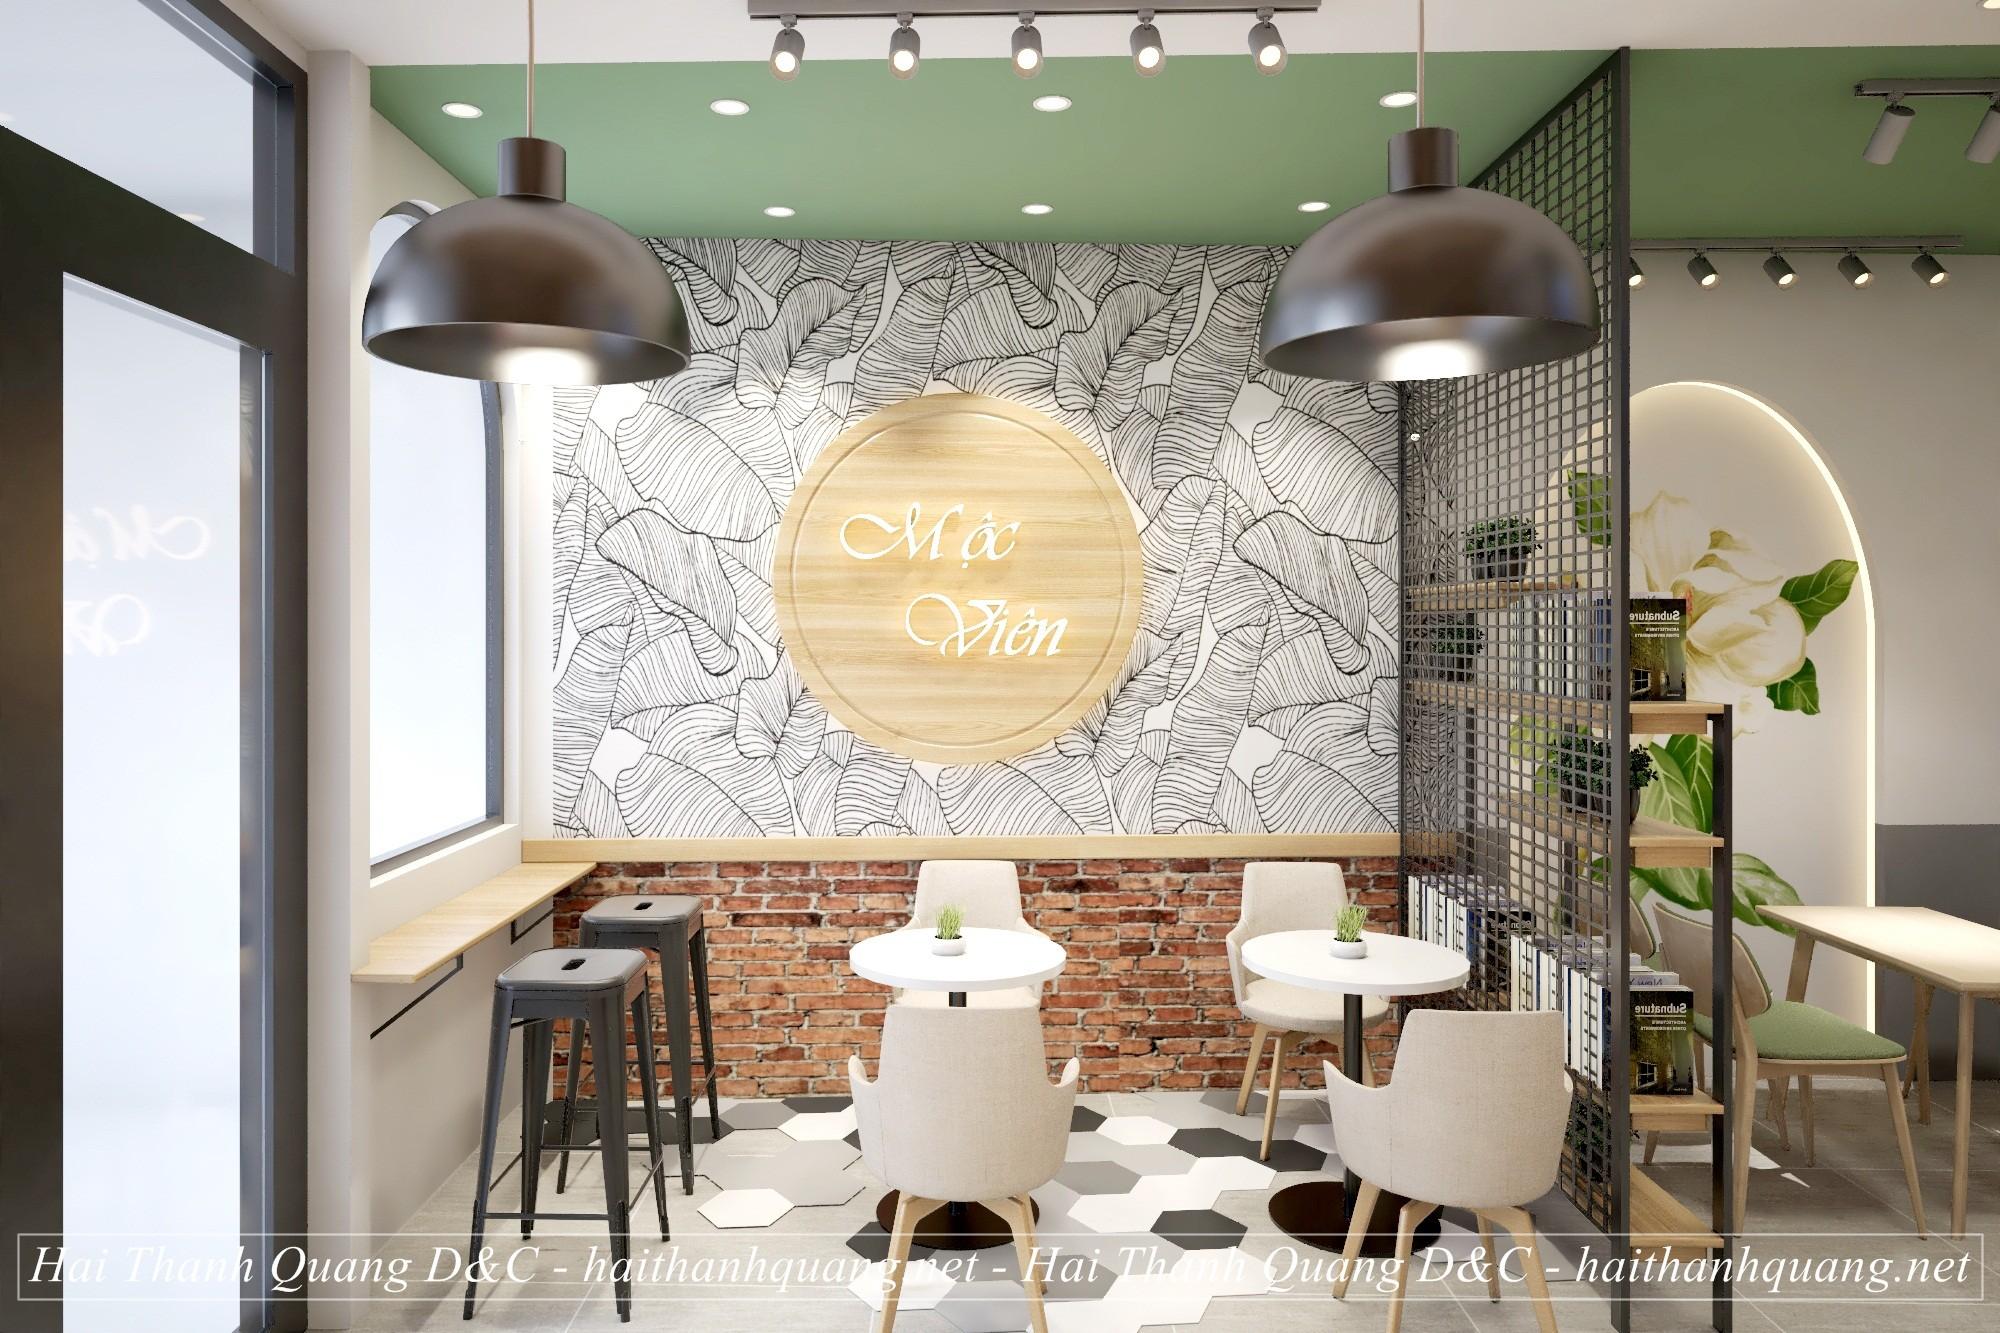 Thiết Kế Nội Thất Quán Cafe Ở Quy Nhơn HTQ014